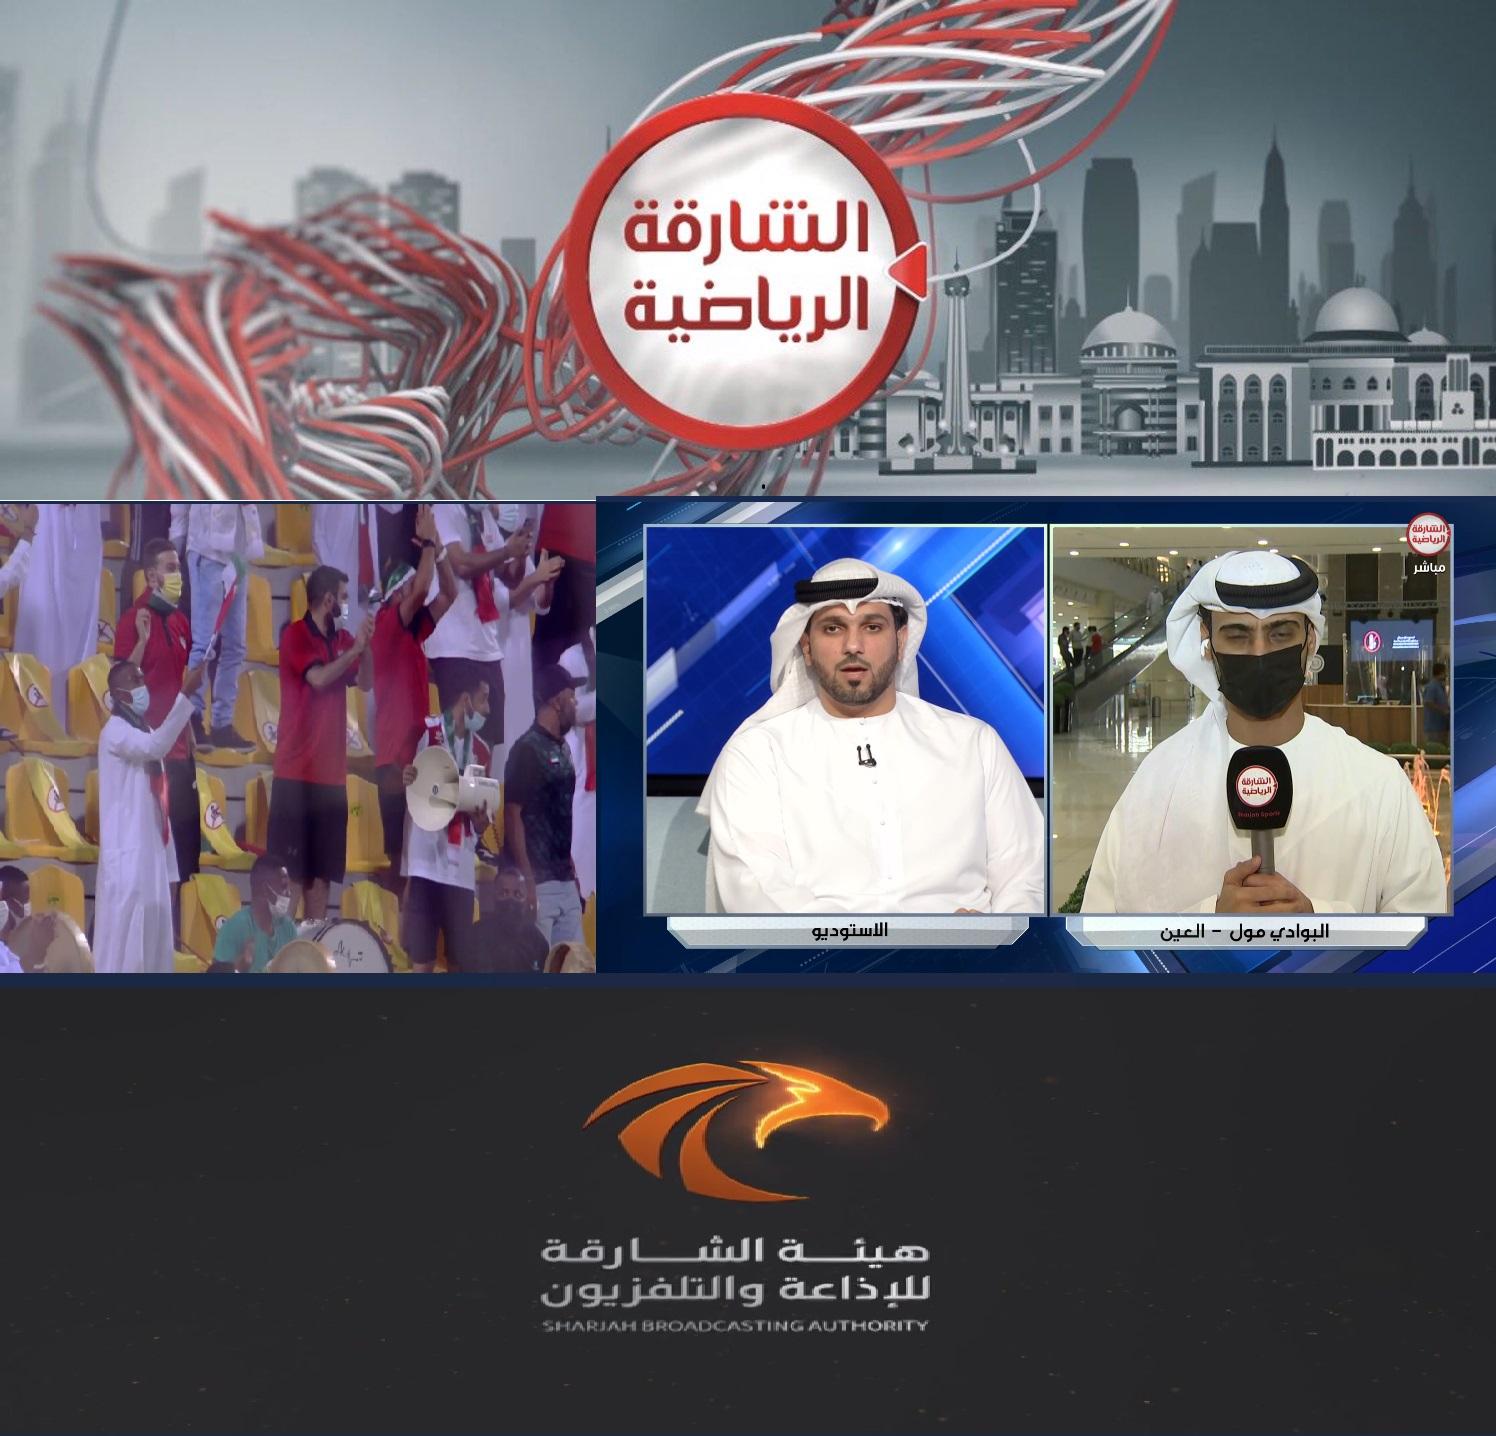 تردد قناة الشارقة سبورت الرياضية Sharjah Sport HD الناقلة مباراة الإمارات وفيتنام نايل سات